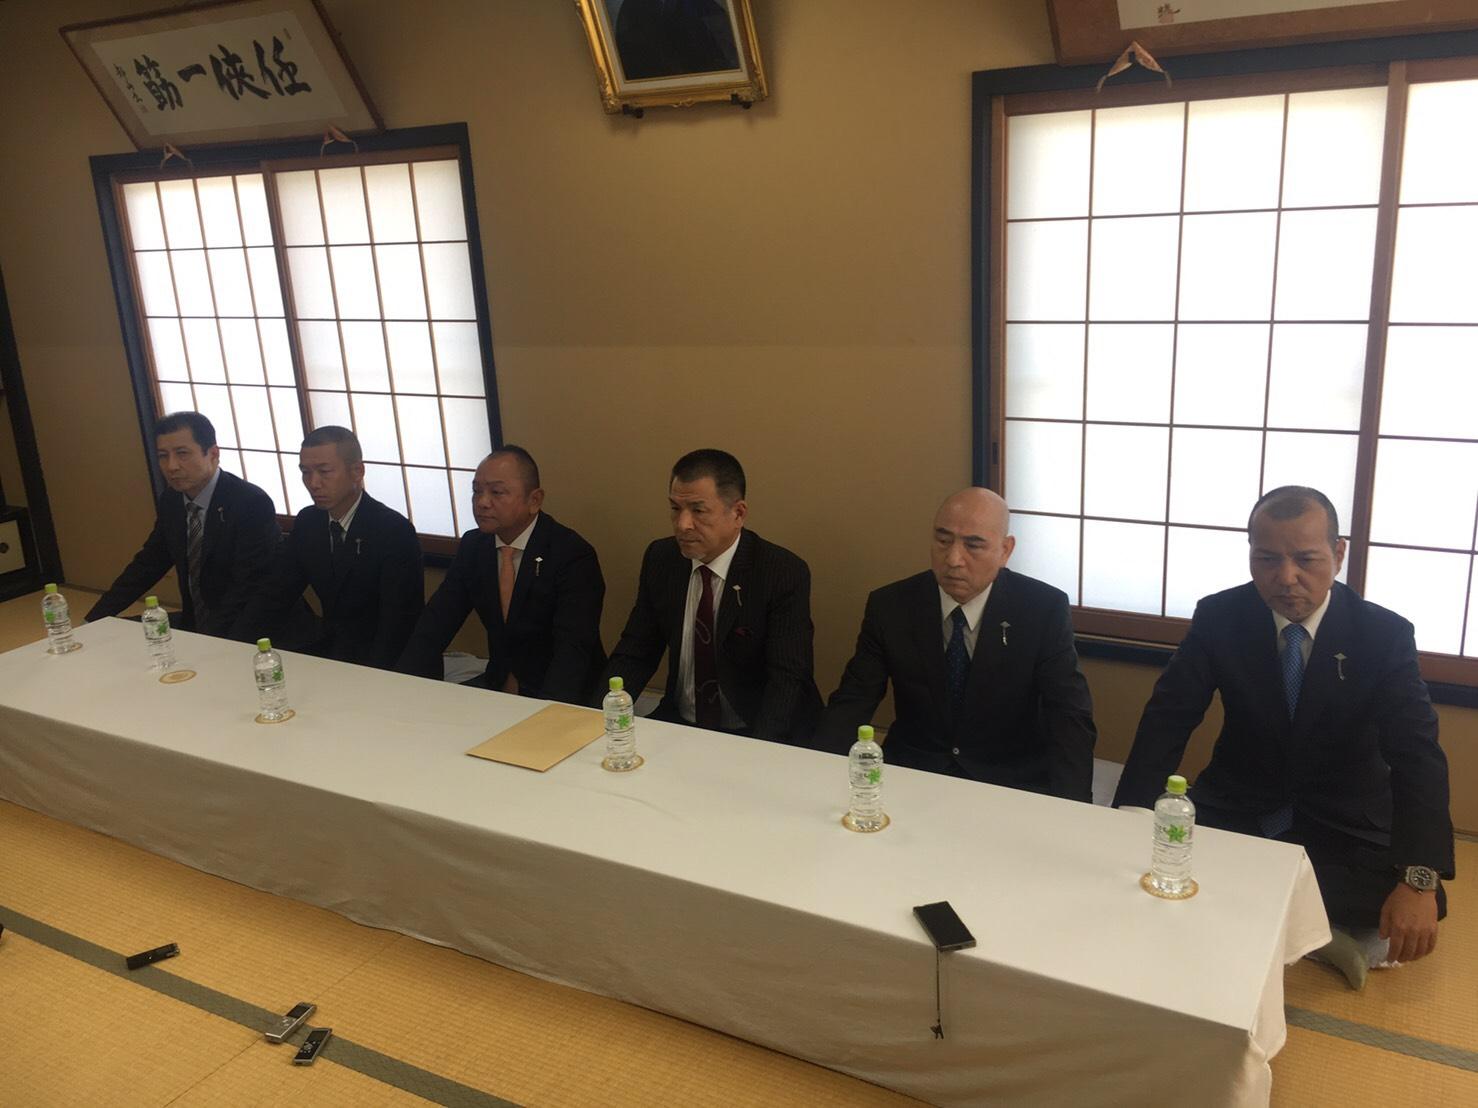 【神戸山口組分裂・最新動向】任侠山口組がまたも記者会見で井上邦雄組長を痛烈批判…関係者たちはどう見たのか?の画像1